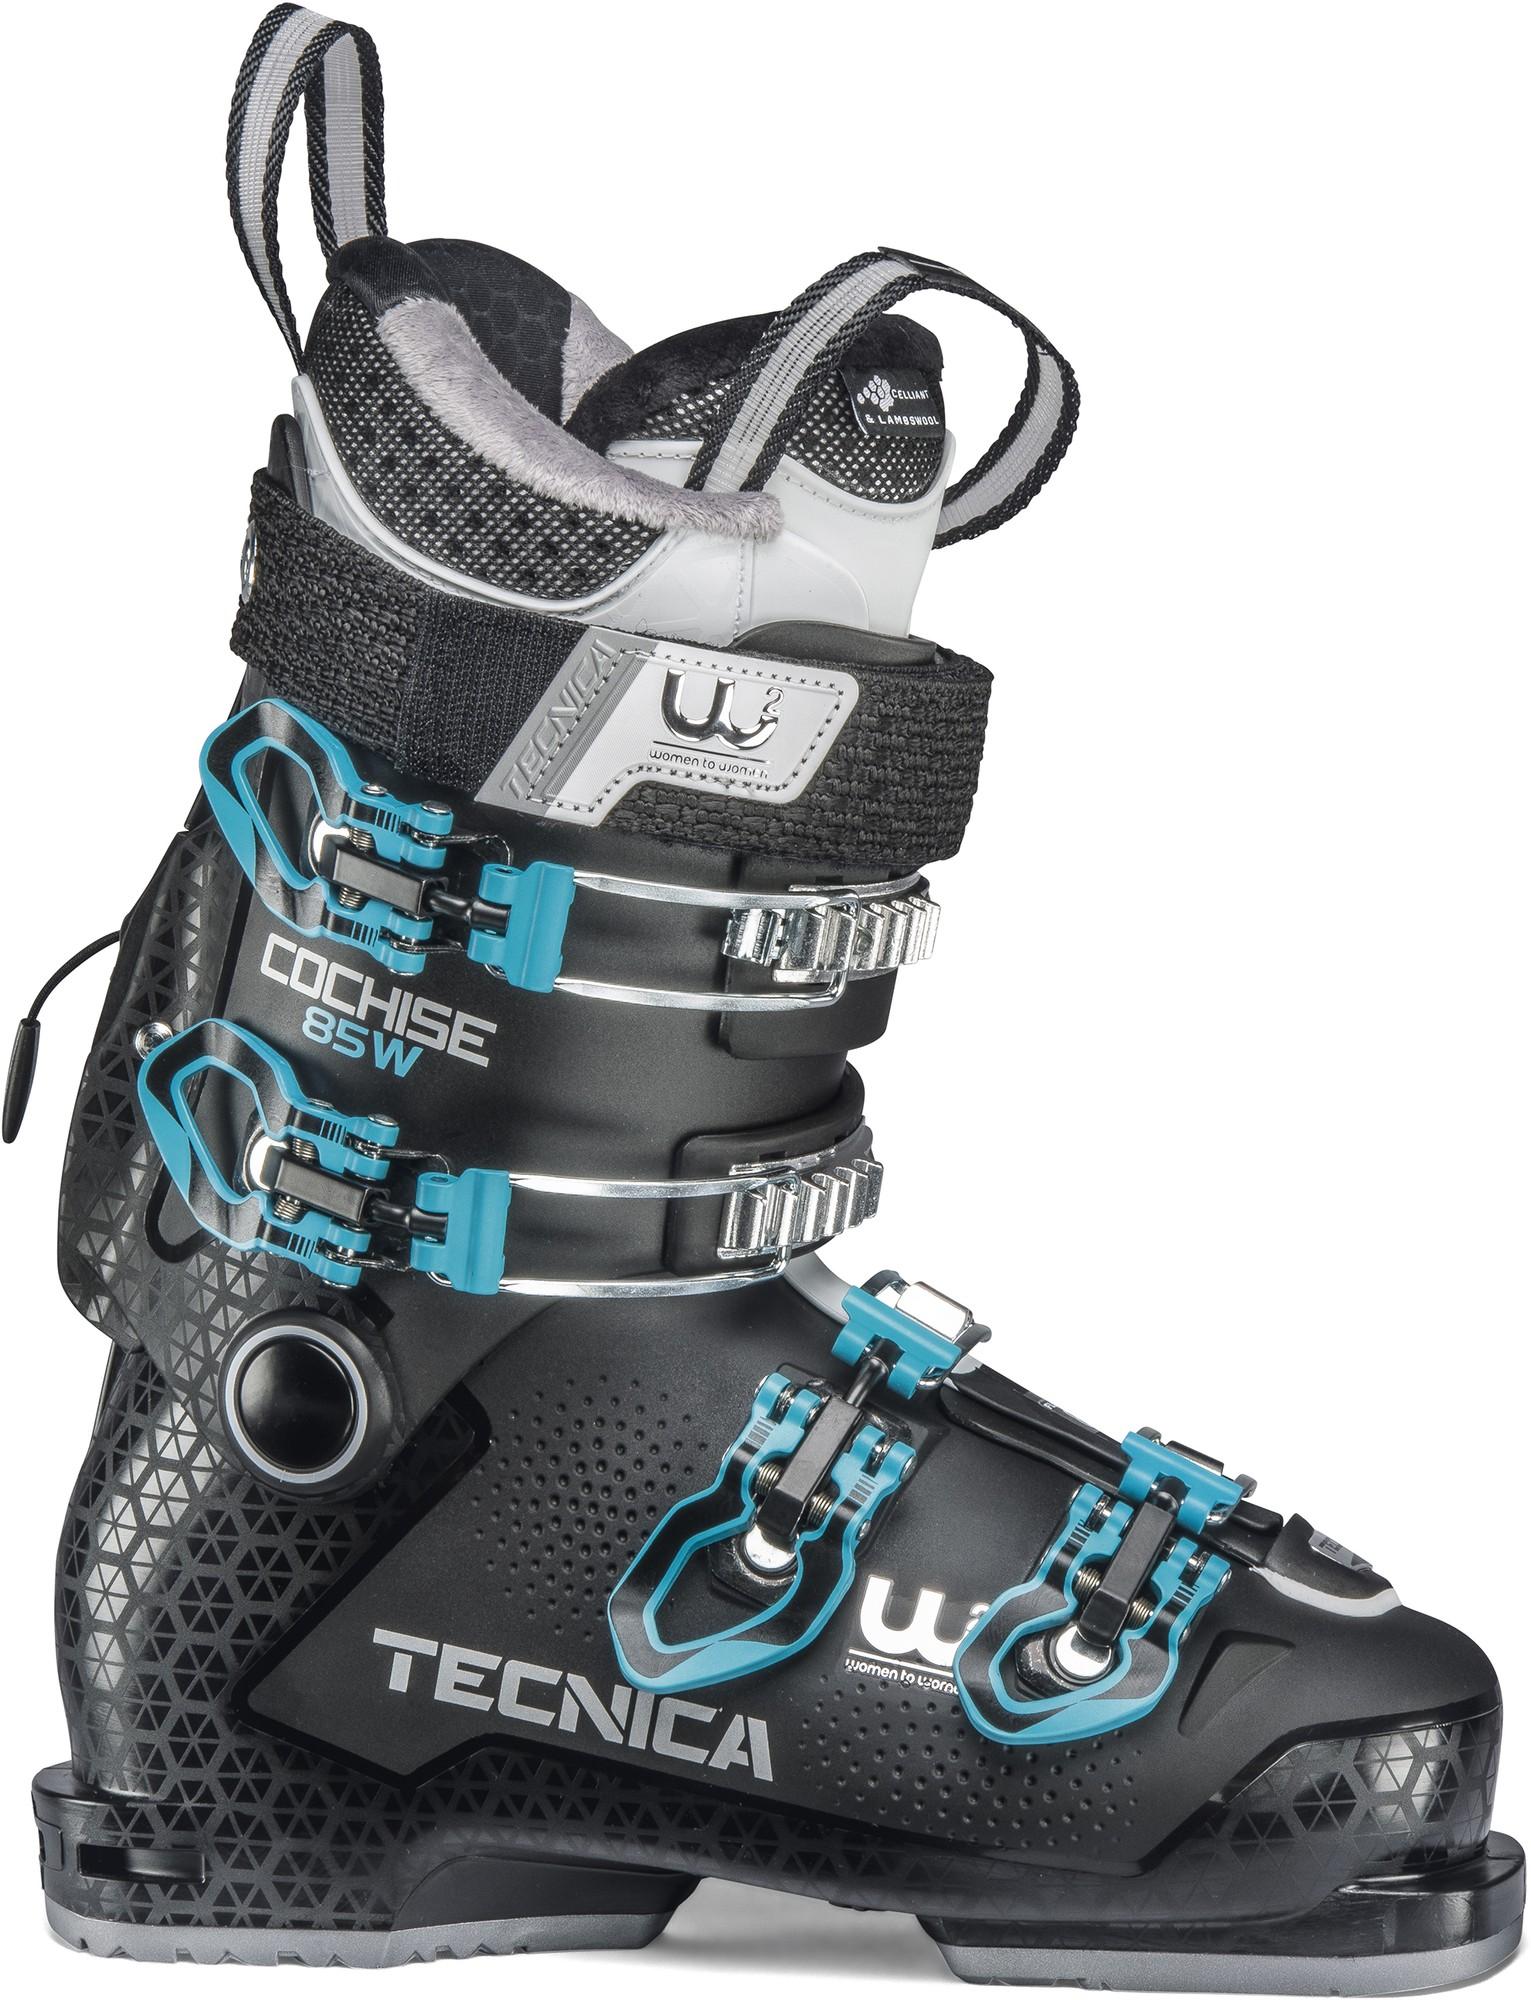 Tecnica Ботинки горнолыжные женские COCHISE 85 W, размер 25,5 см